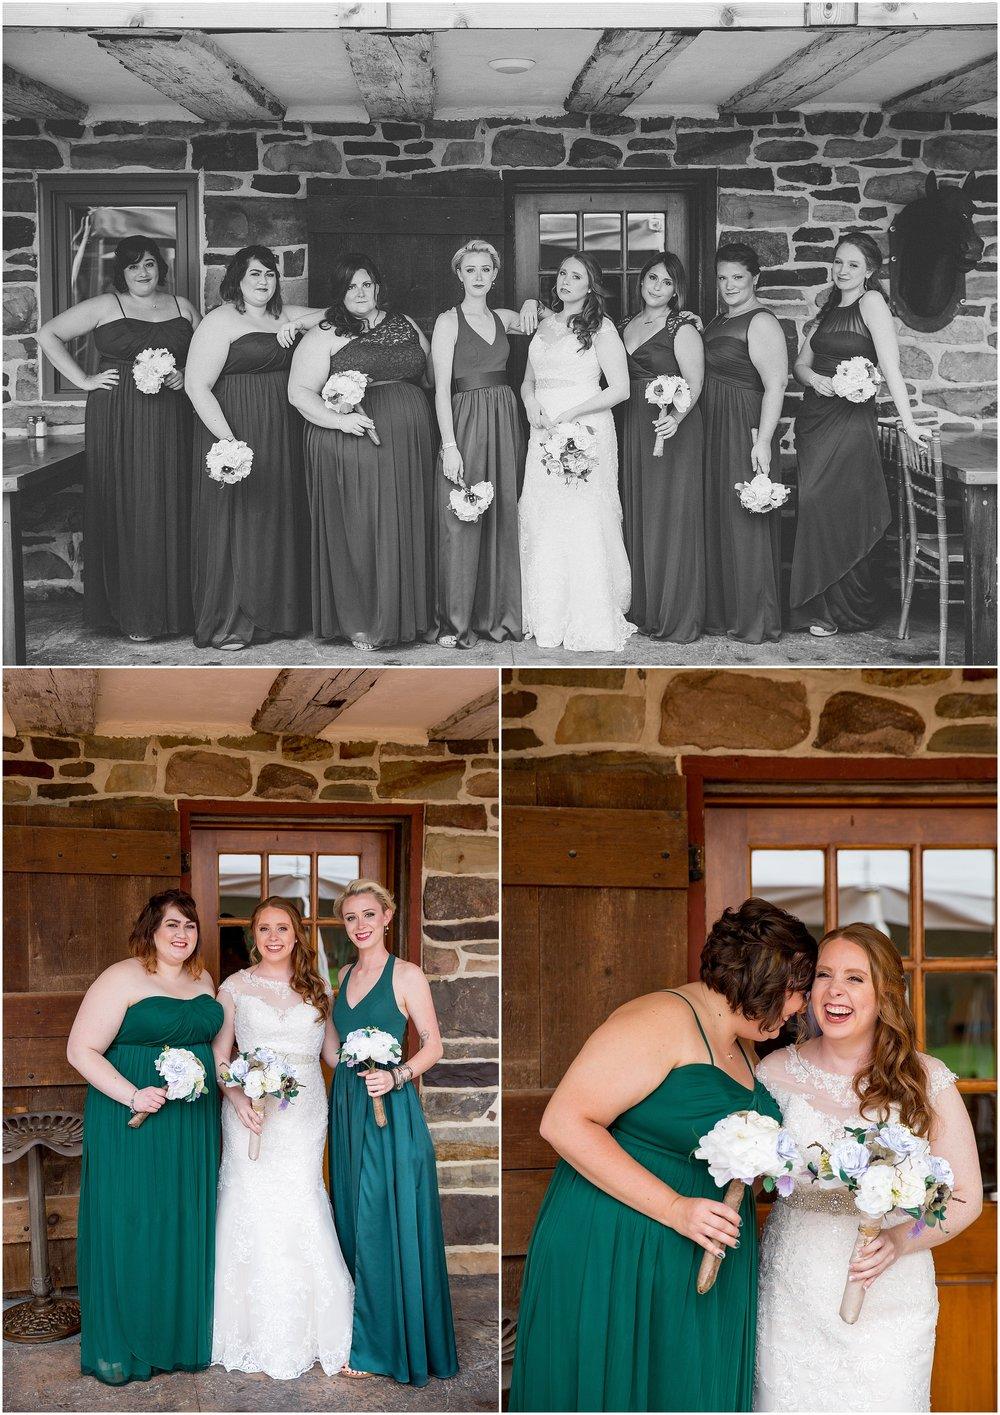 Herman_Luthers_Montoursville_Wedding_0008.jpg